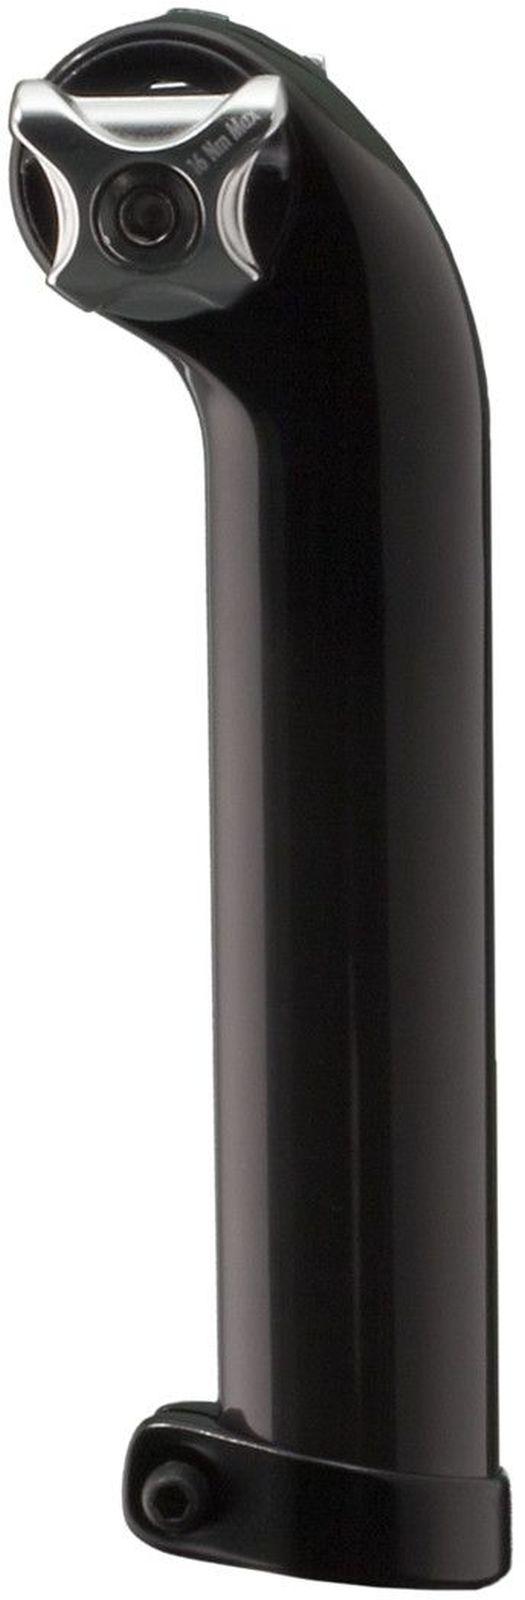 Bontrager Carbon Seatmast Cap 135mm 20mm